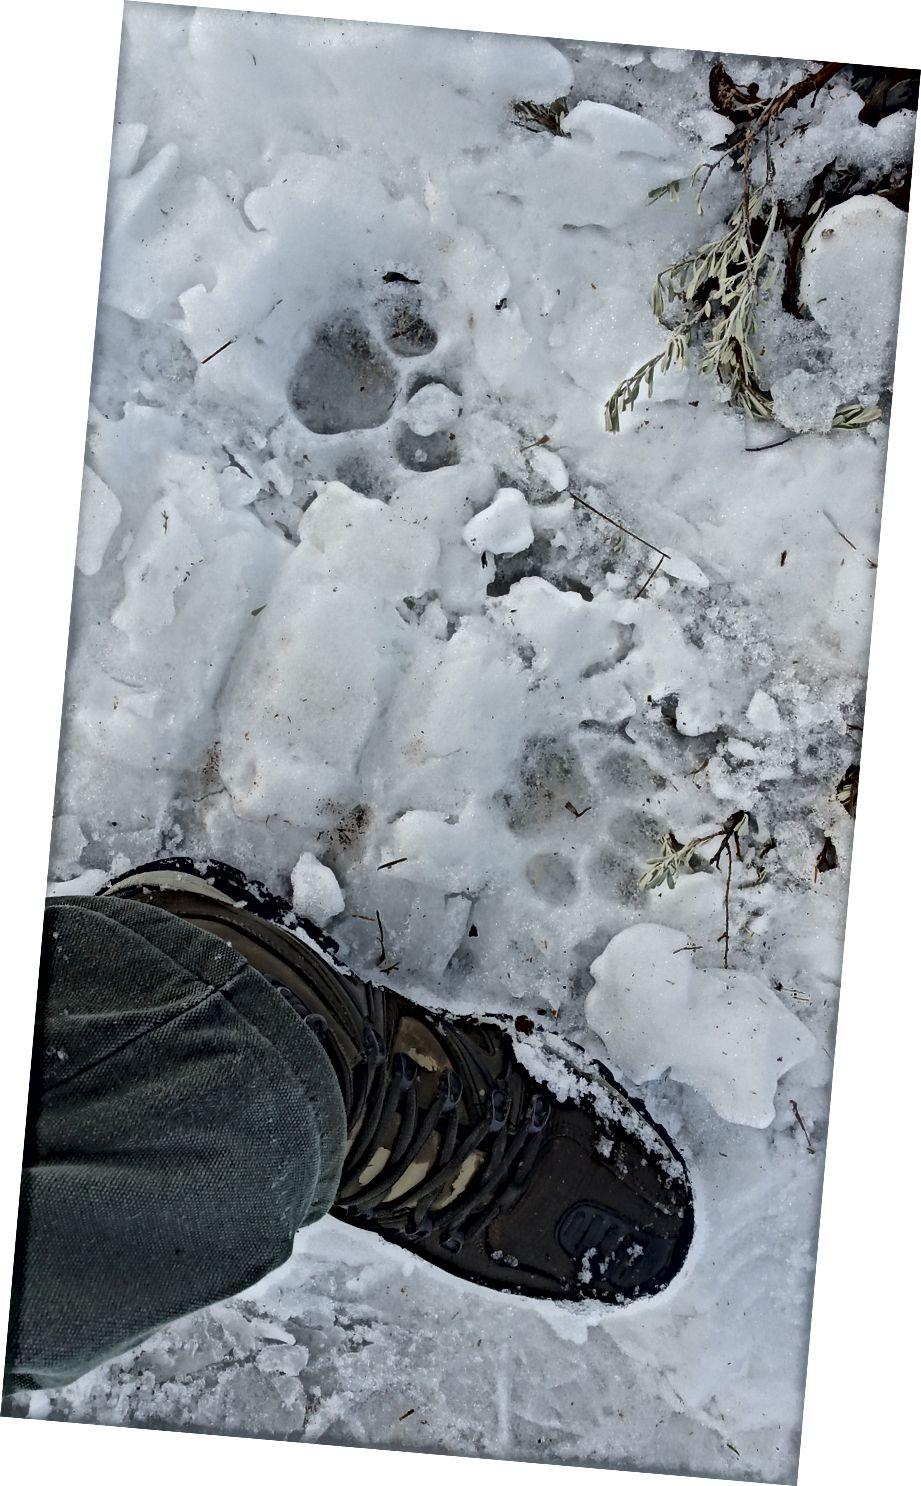 Taze dağ aslanı, saatler süren kar araci parkurlarımızın tepesinde pençeleri.